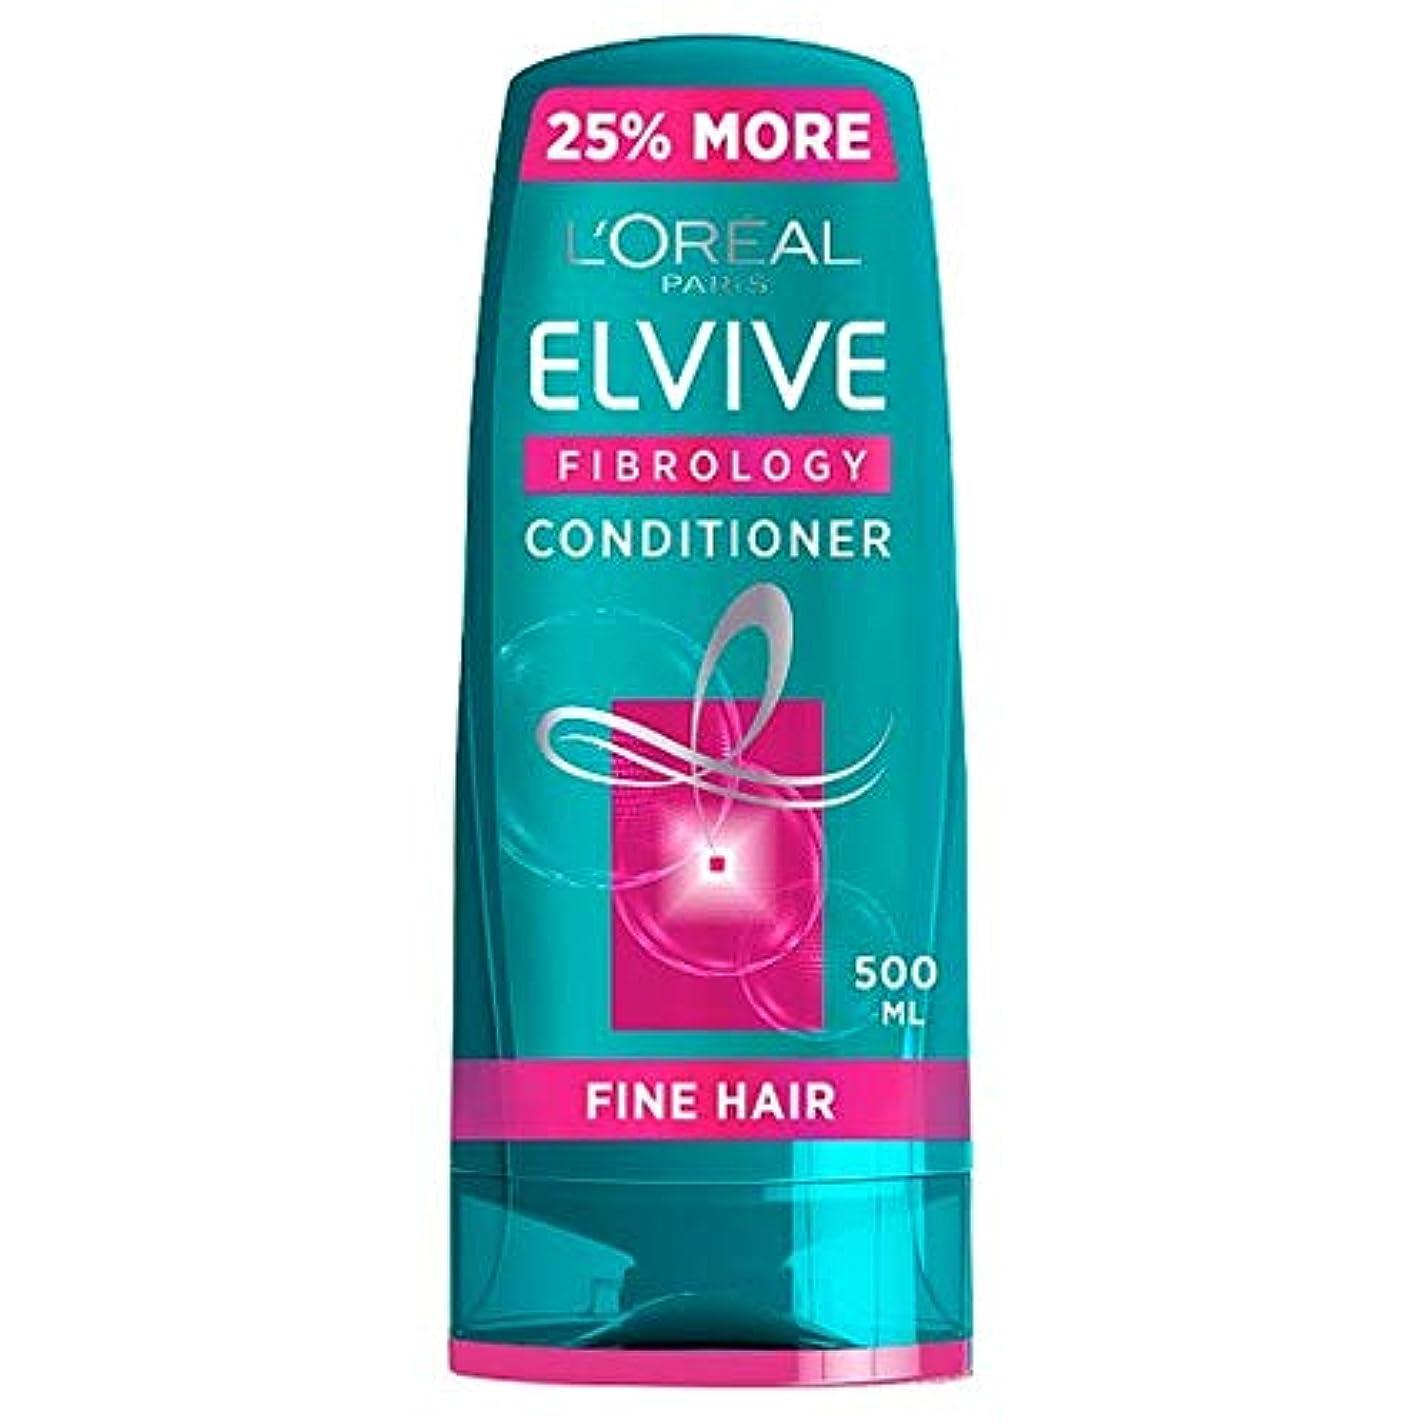 不条理食物植物学[Elvive] ロレアルElvive Fibroligy細いヘアコンディショナー500ミリリットル - L'oreal Elvive Fibroligy Fine Hair Conditioner 500Ml [並行輸入品]